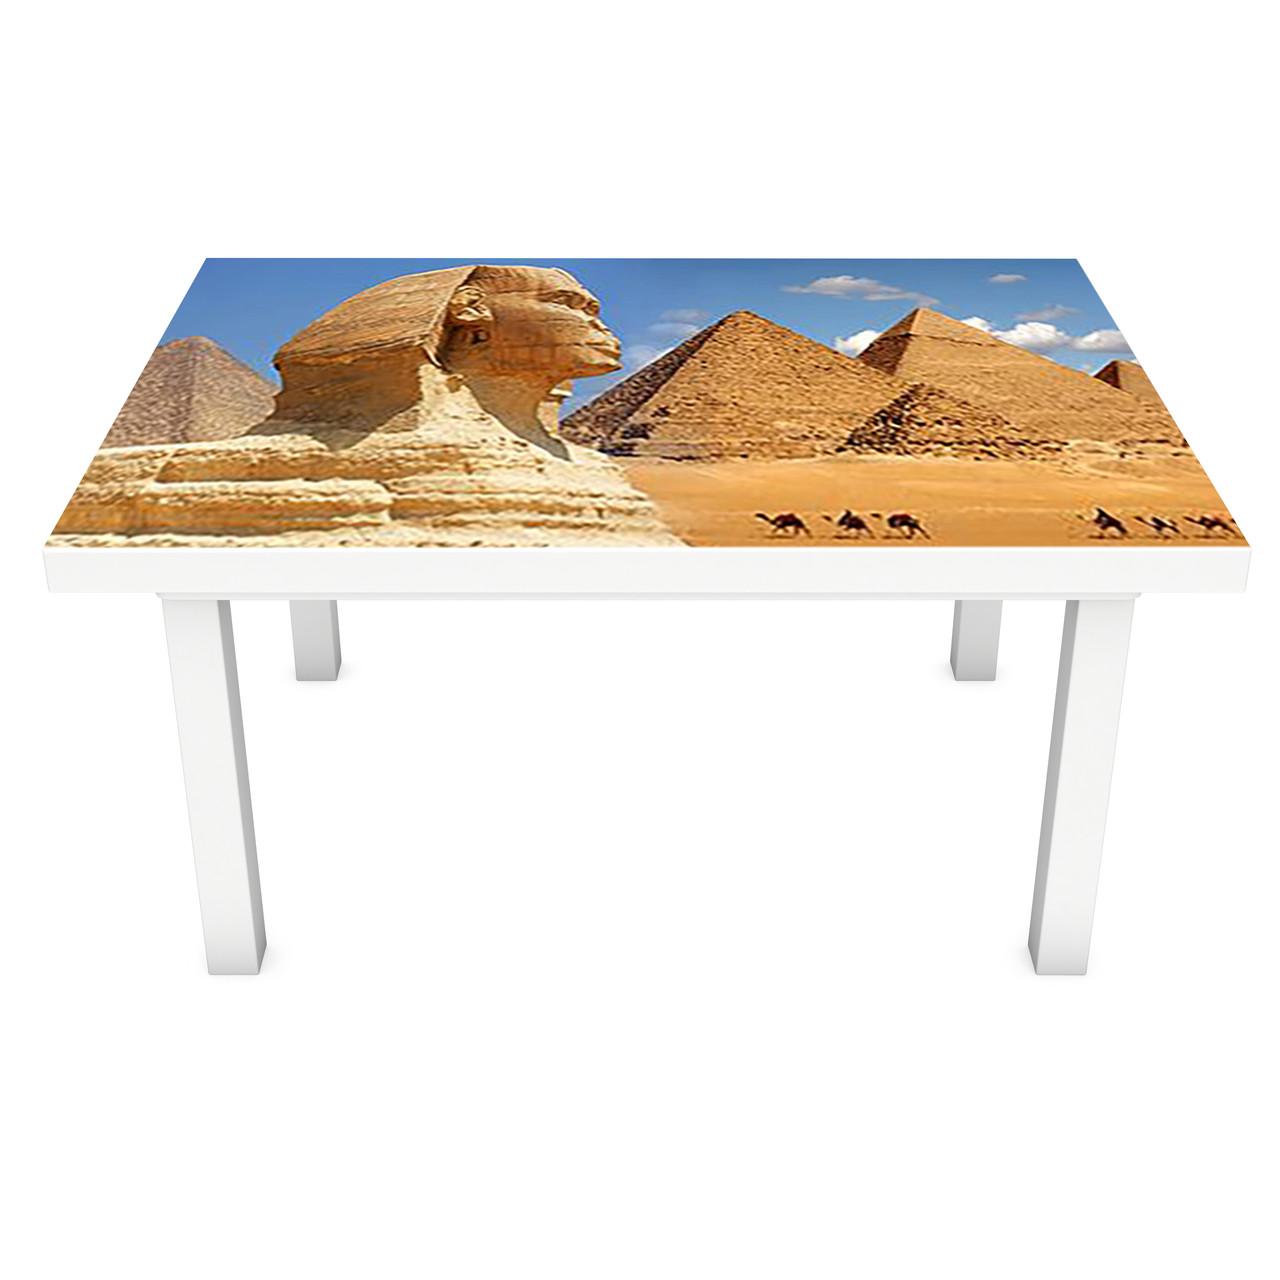 Наклейка на стіл Єгипетські Піраміди ПВХ інтер'єрна плівка для меблів Єгипет Сфінкс Бежевий 600*1200 мм